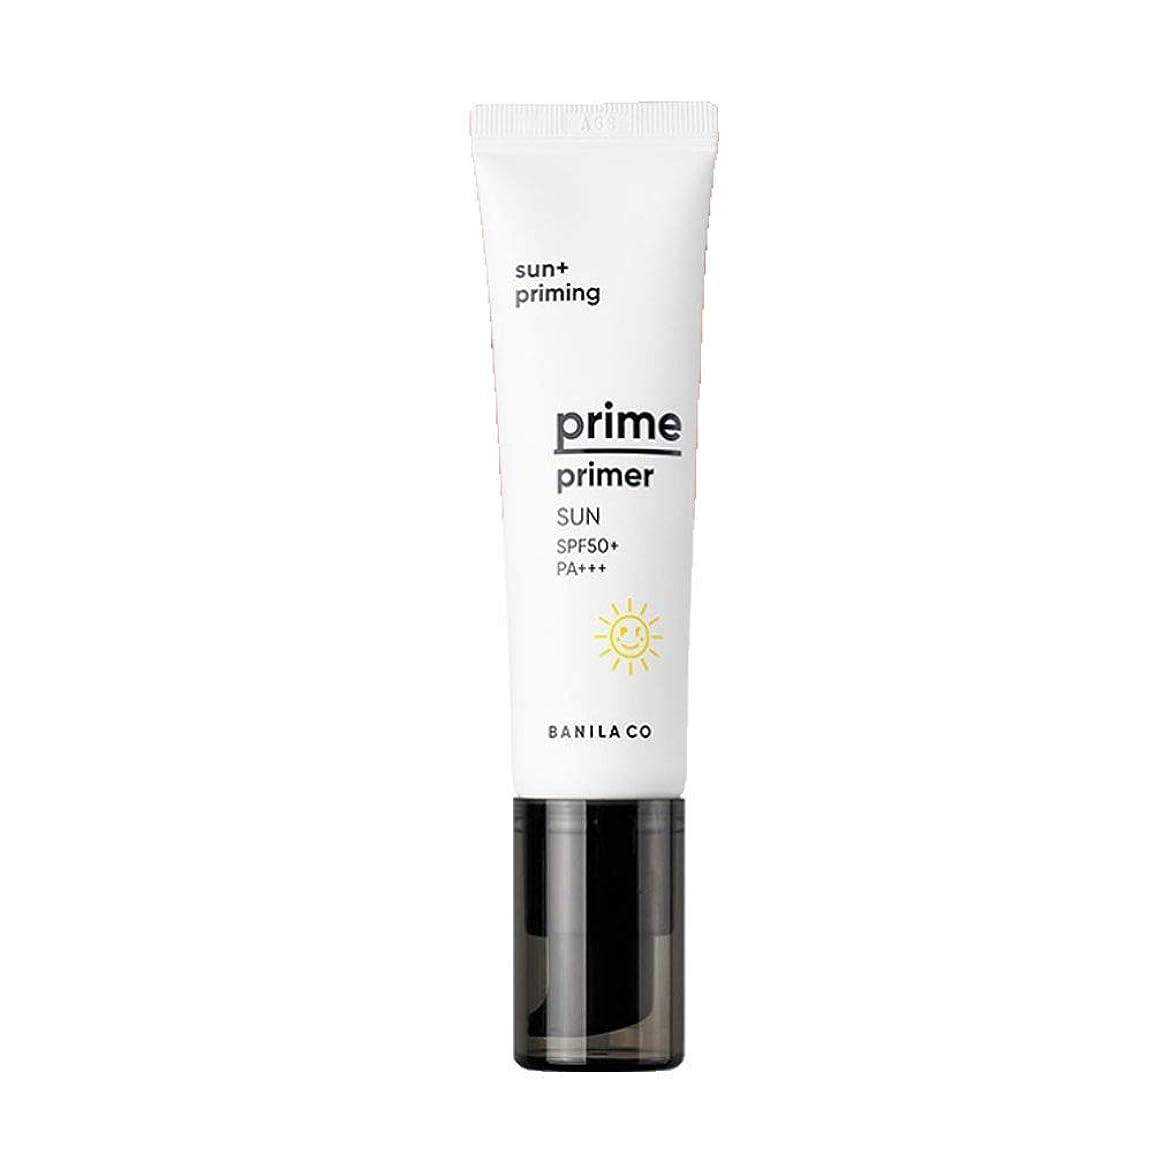 一次接地所有者バニラコプライムプライマーサン30mlサンクリーム韓国コスメ、Banila Co Prime Primer Sun 30ml Sun Cream Korean Cosmetics [並行輸入品]